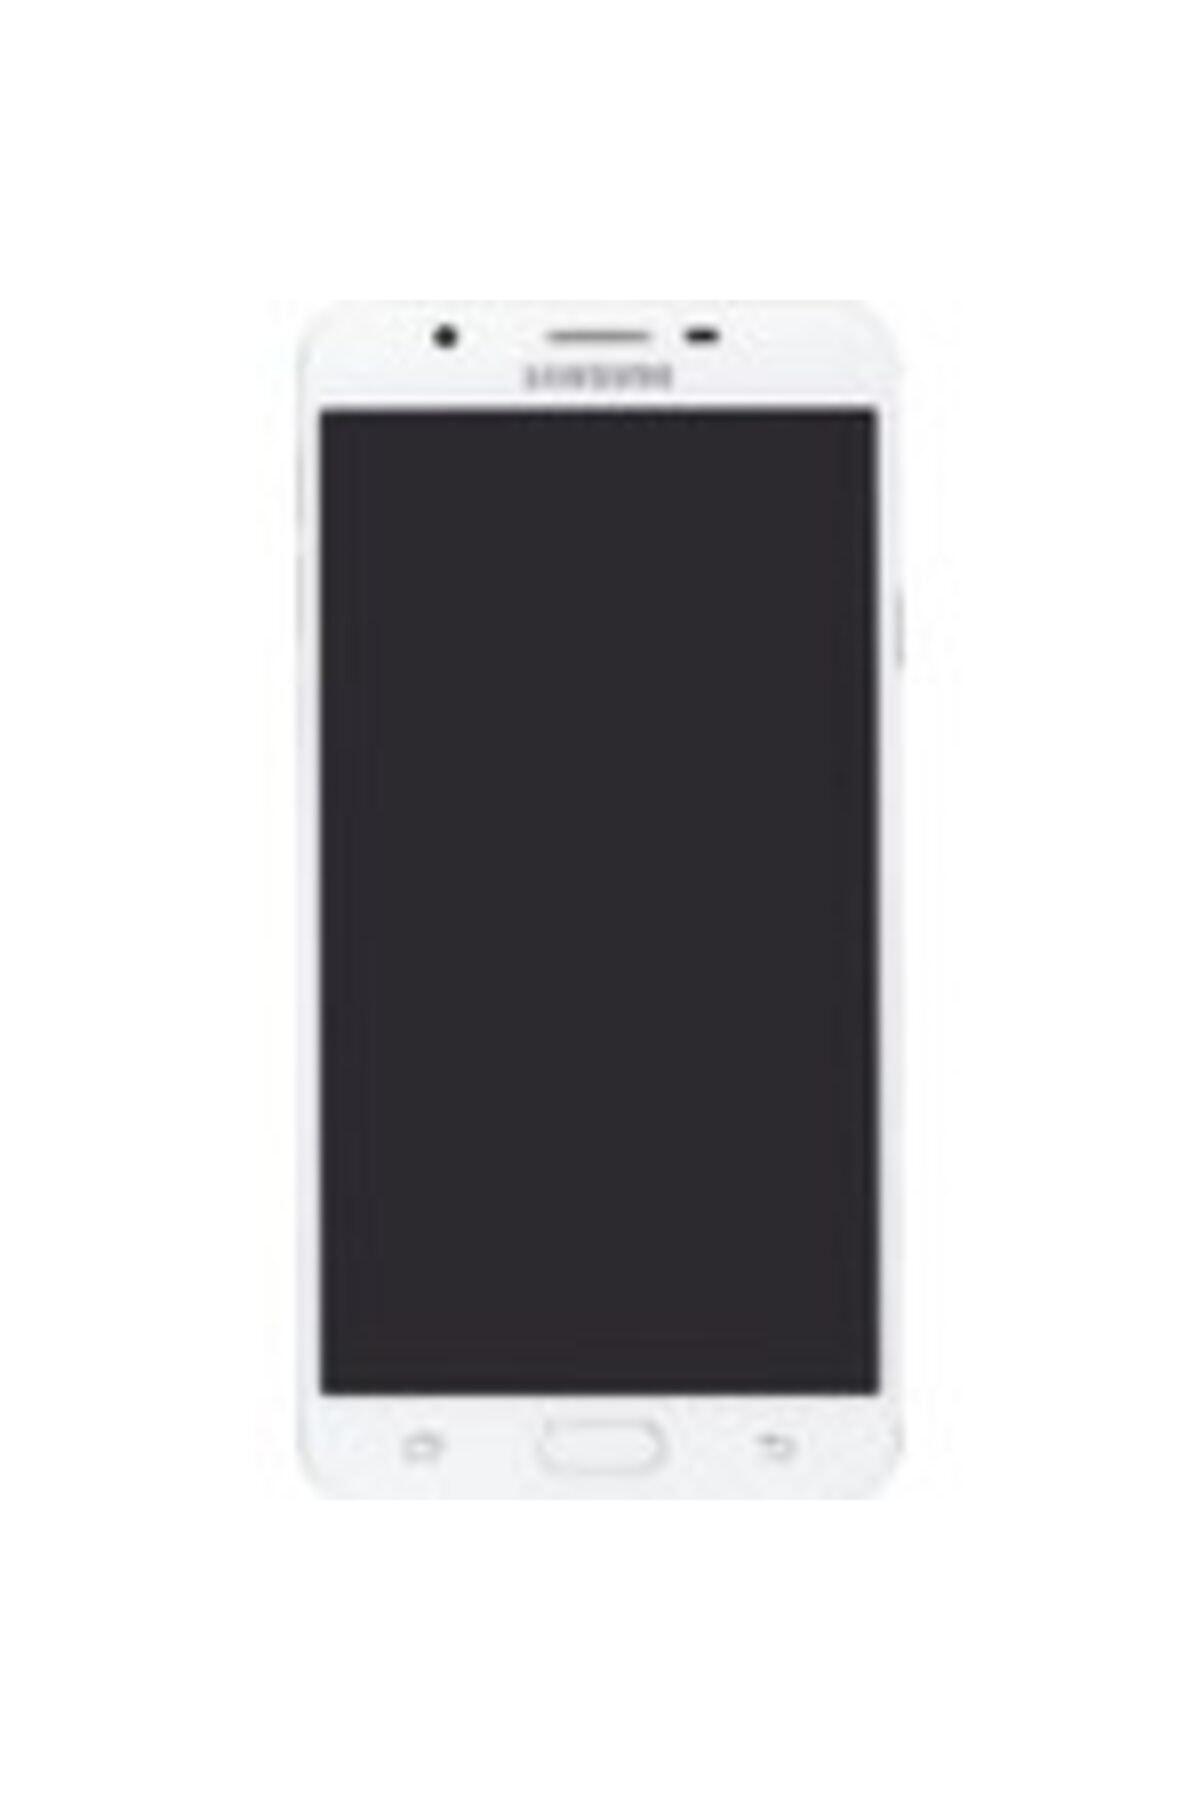 Galaxy J7 Prime 64 Gb Dual Sim